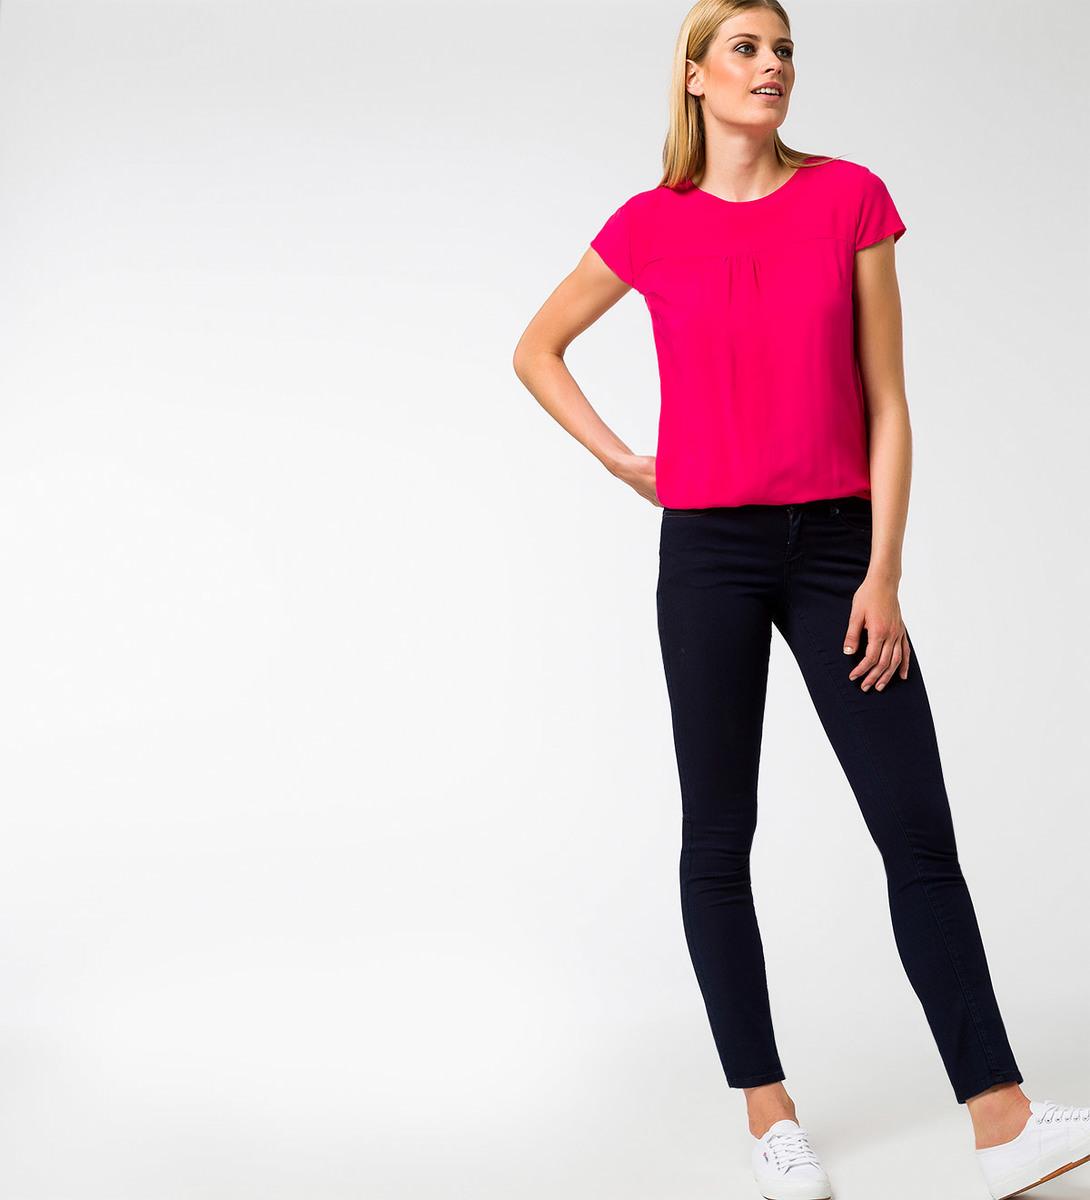 Bluse im unifarbenen Design in bright pink